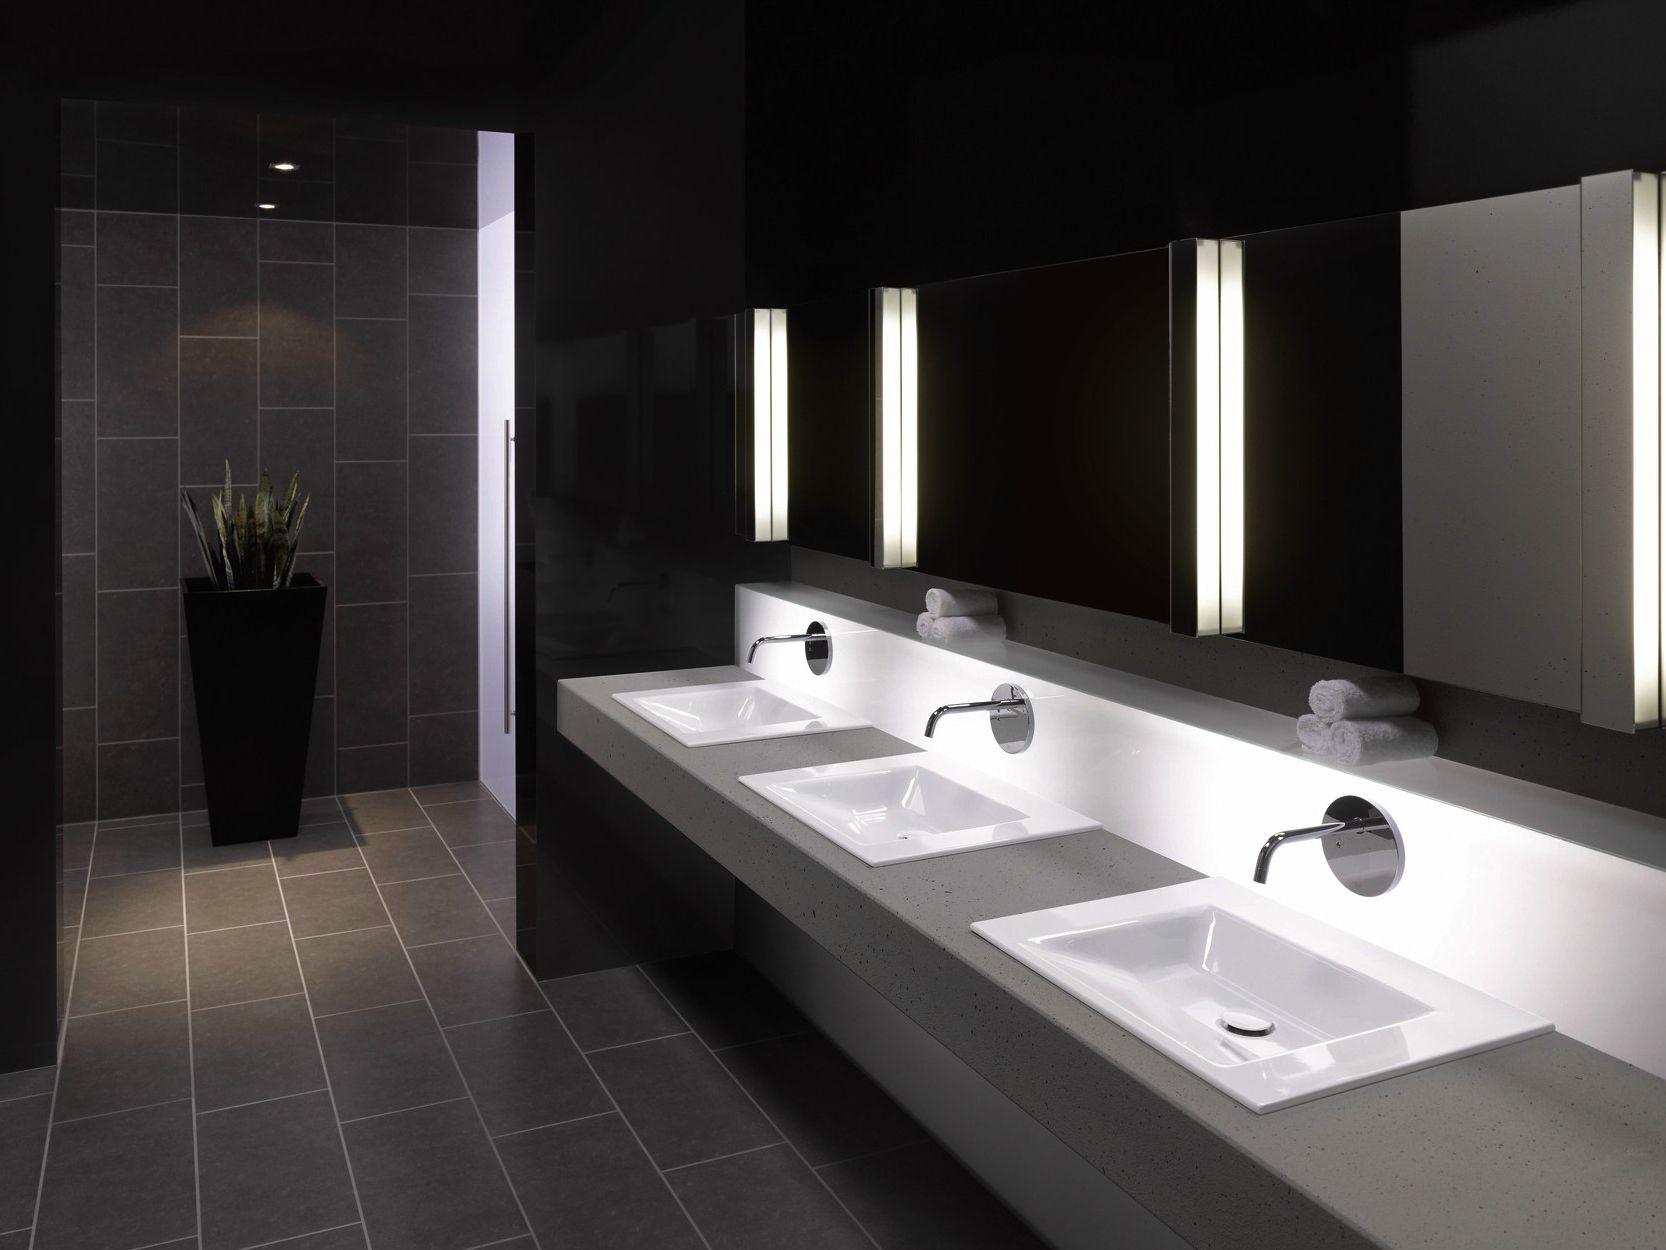 lavabi da incasso soprapiano | archiproducts - Lavabo Da Incasso Per Bagno